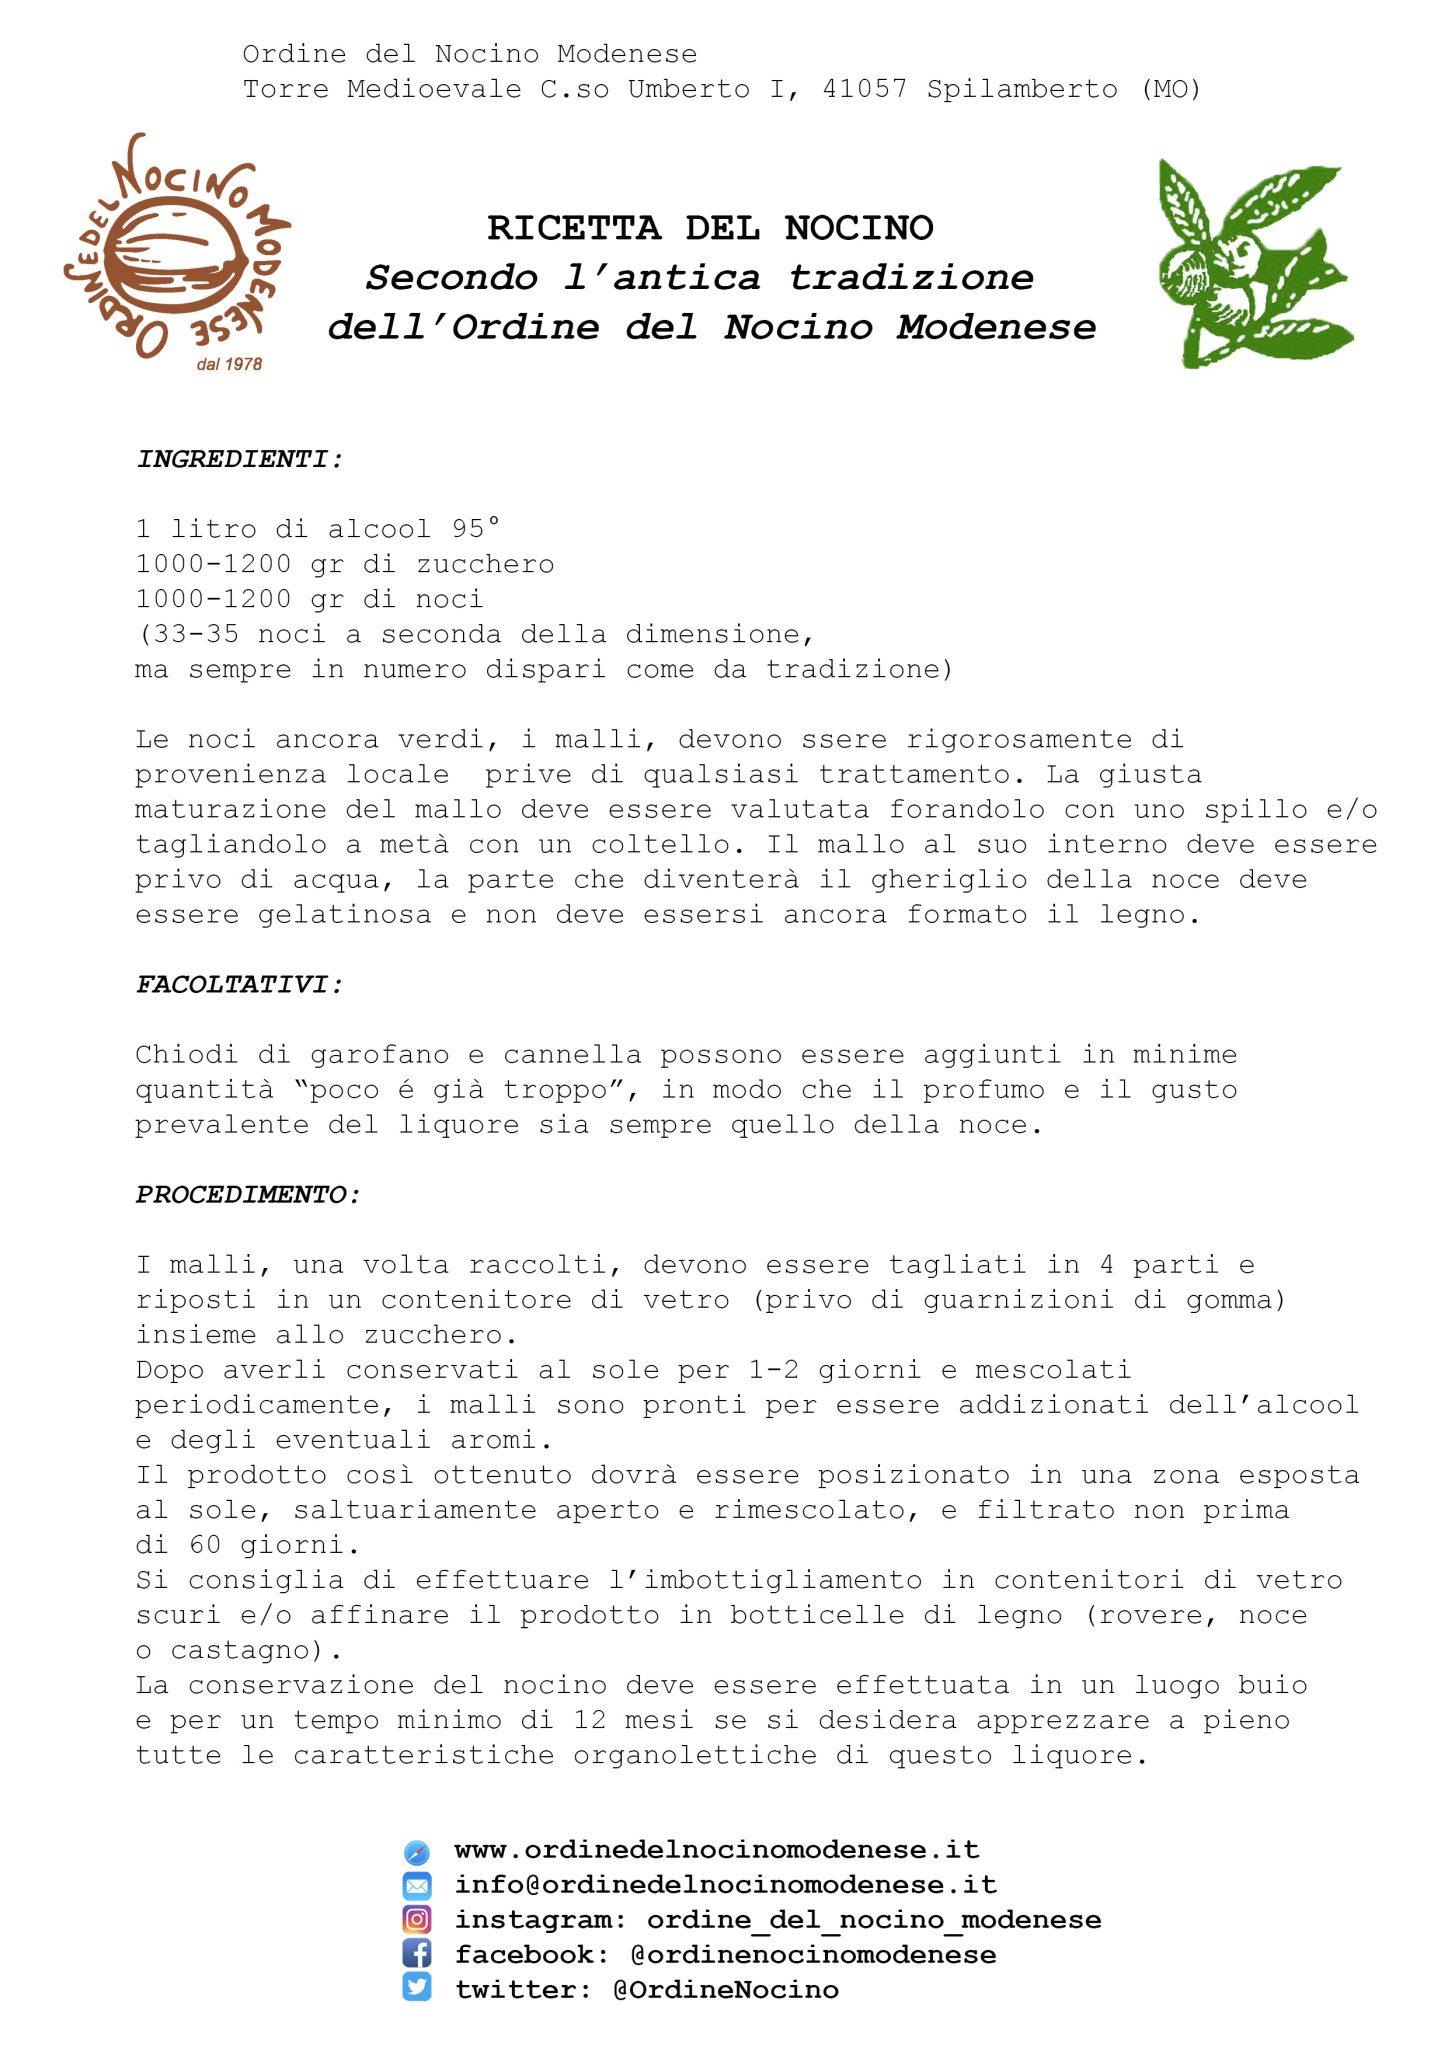 Ricetta Per Il Nocino.Ricetta Dell Ordine Del Nocino Modenese Ordine Del Nocino Modenese